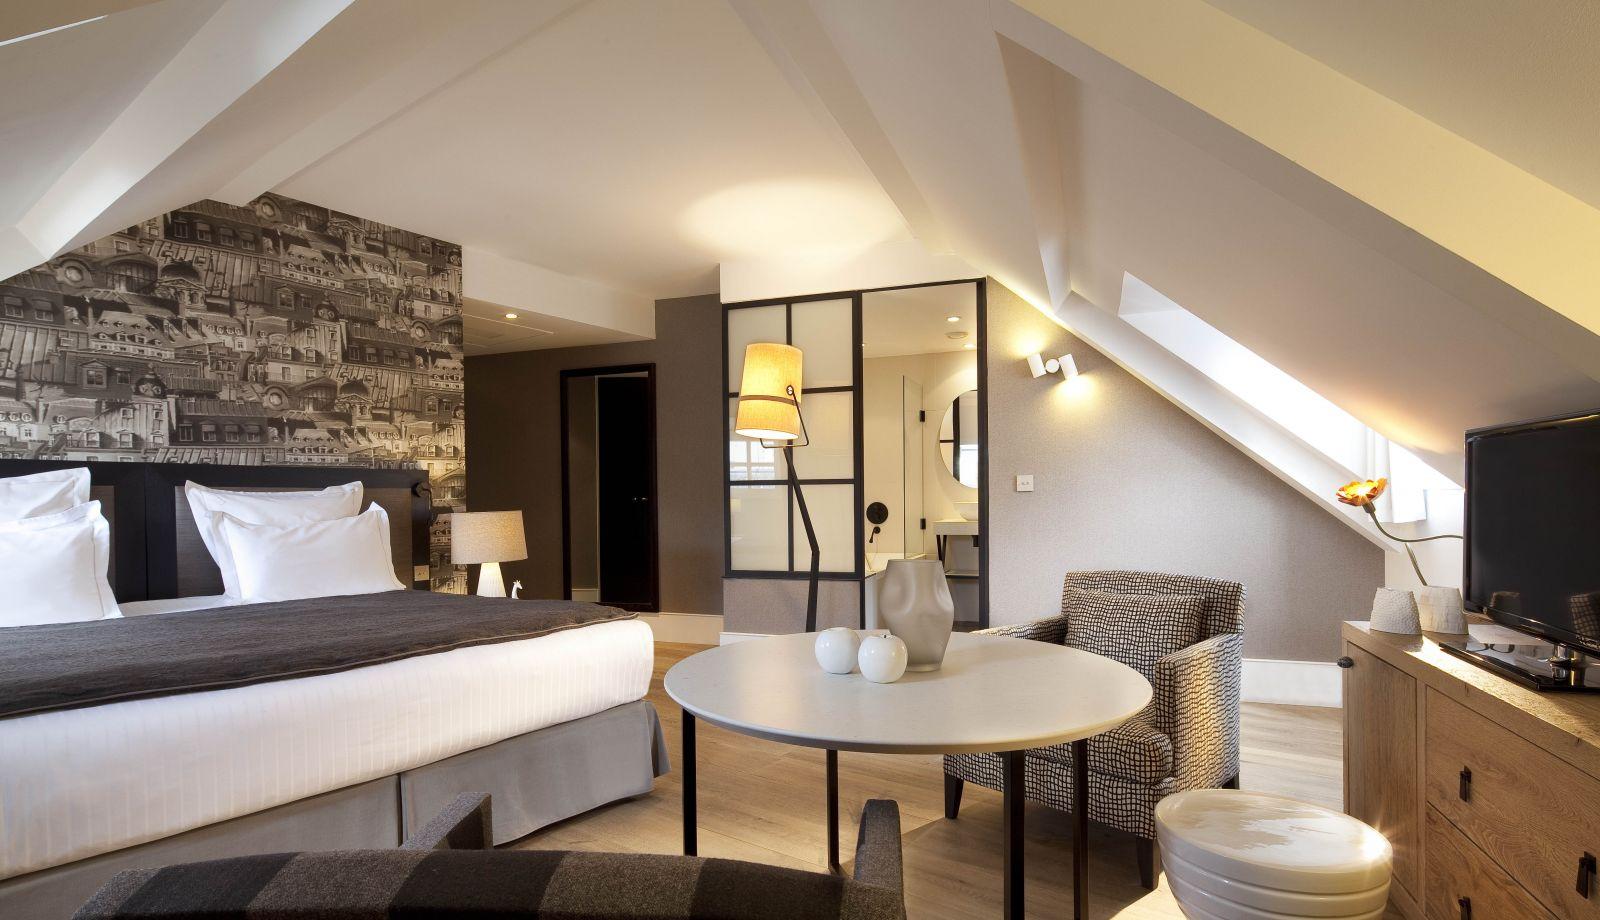 Location maison Nantes : Comment trouver ?